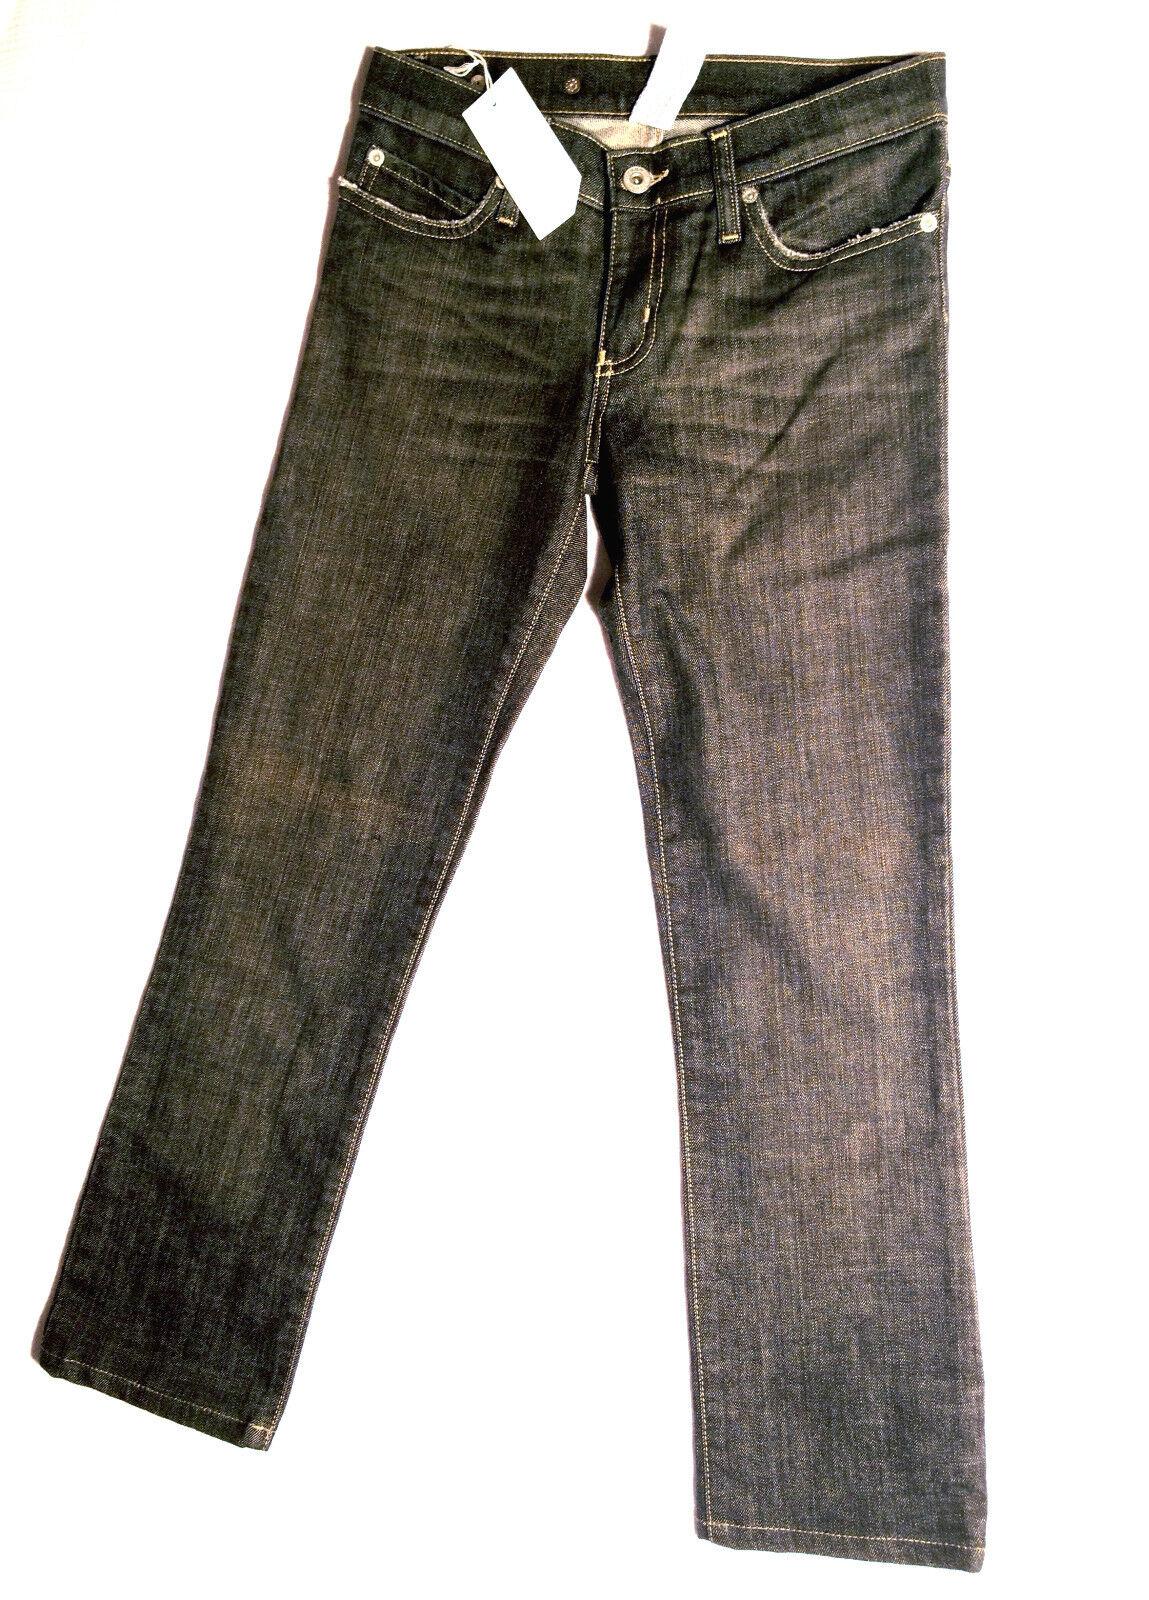 NOBODY Grey Jeans Size W25 L26 AU7 NEW RRP Womens Girls Stretch Slim Skinny